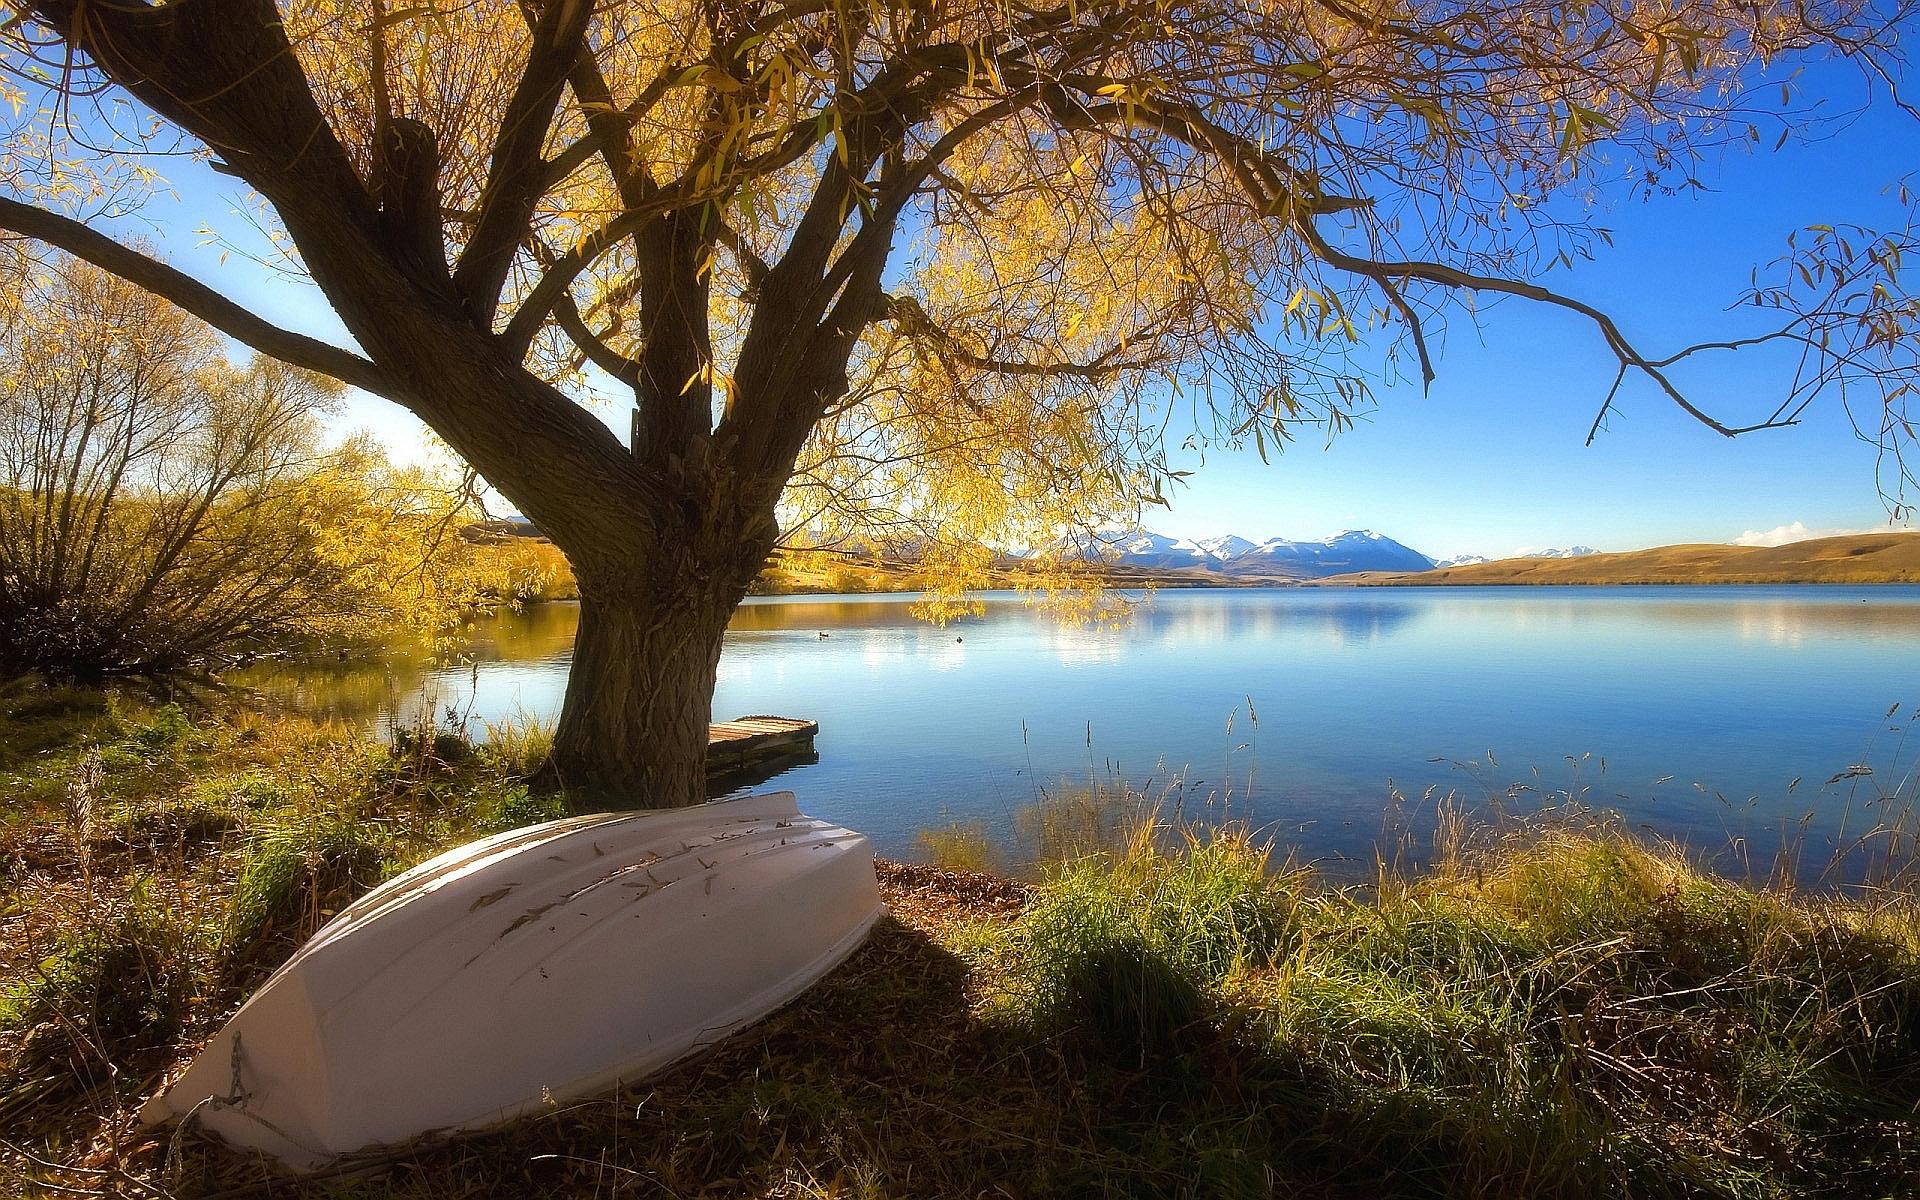 lake backgrounds new zealand